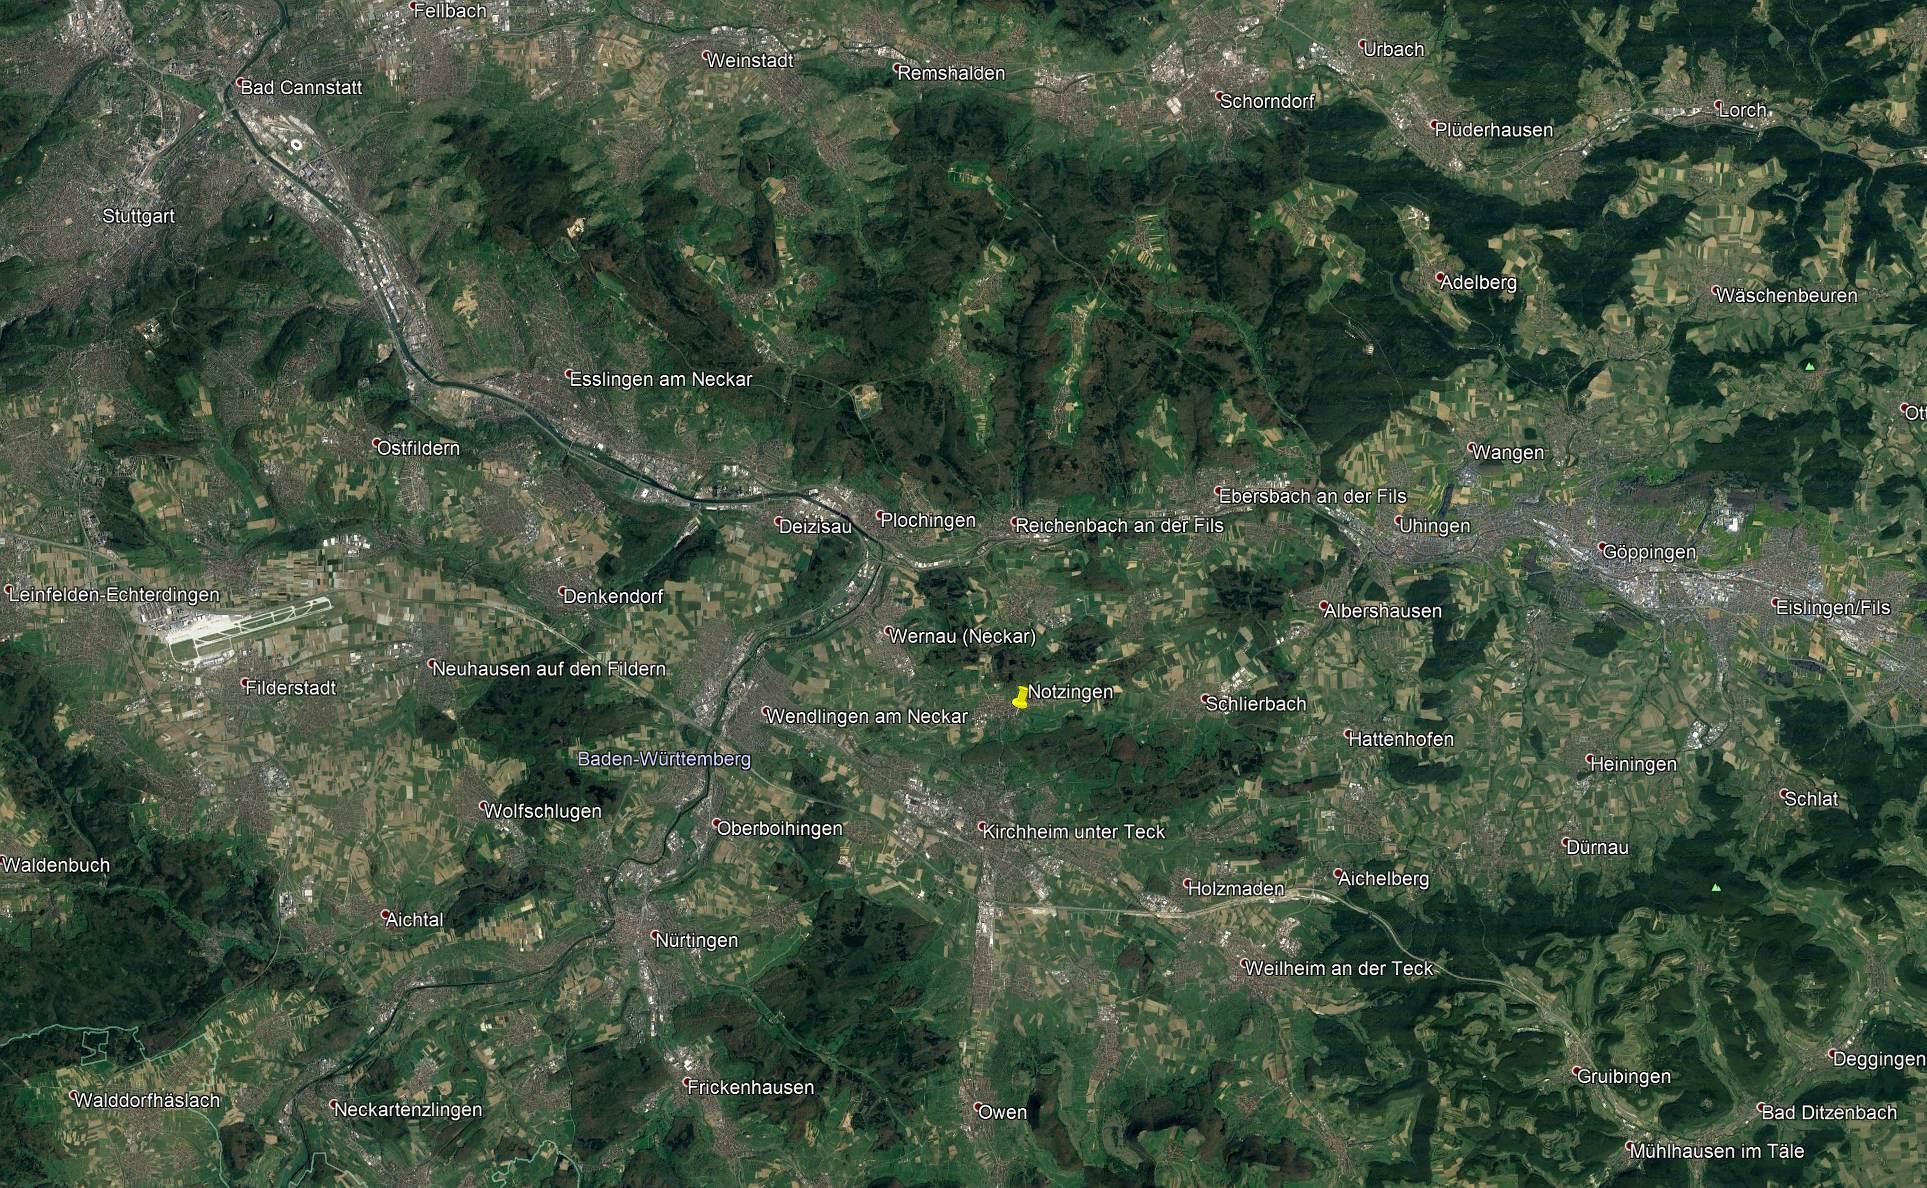 http://www.wetterstation-leutenbach.de/Bilder/notzingen1.jpg